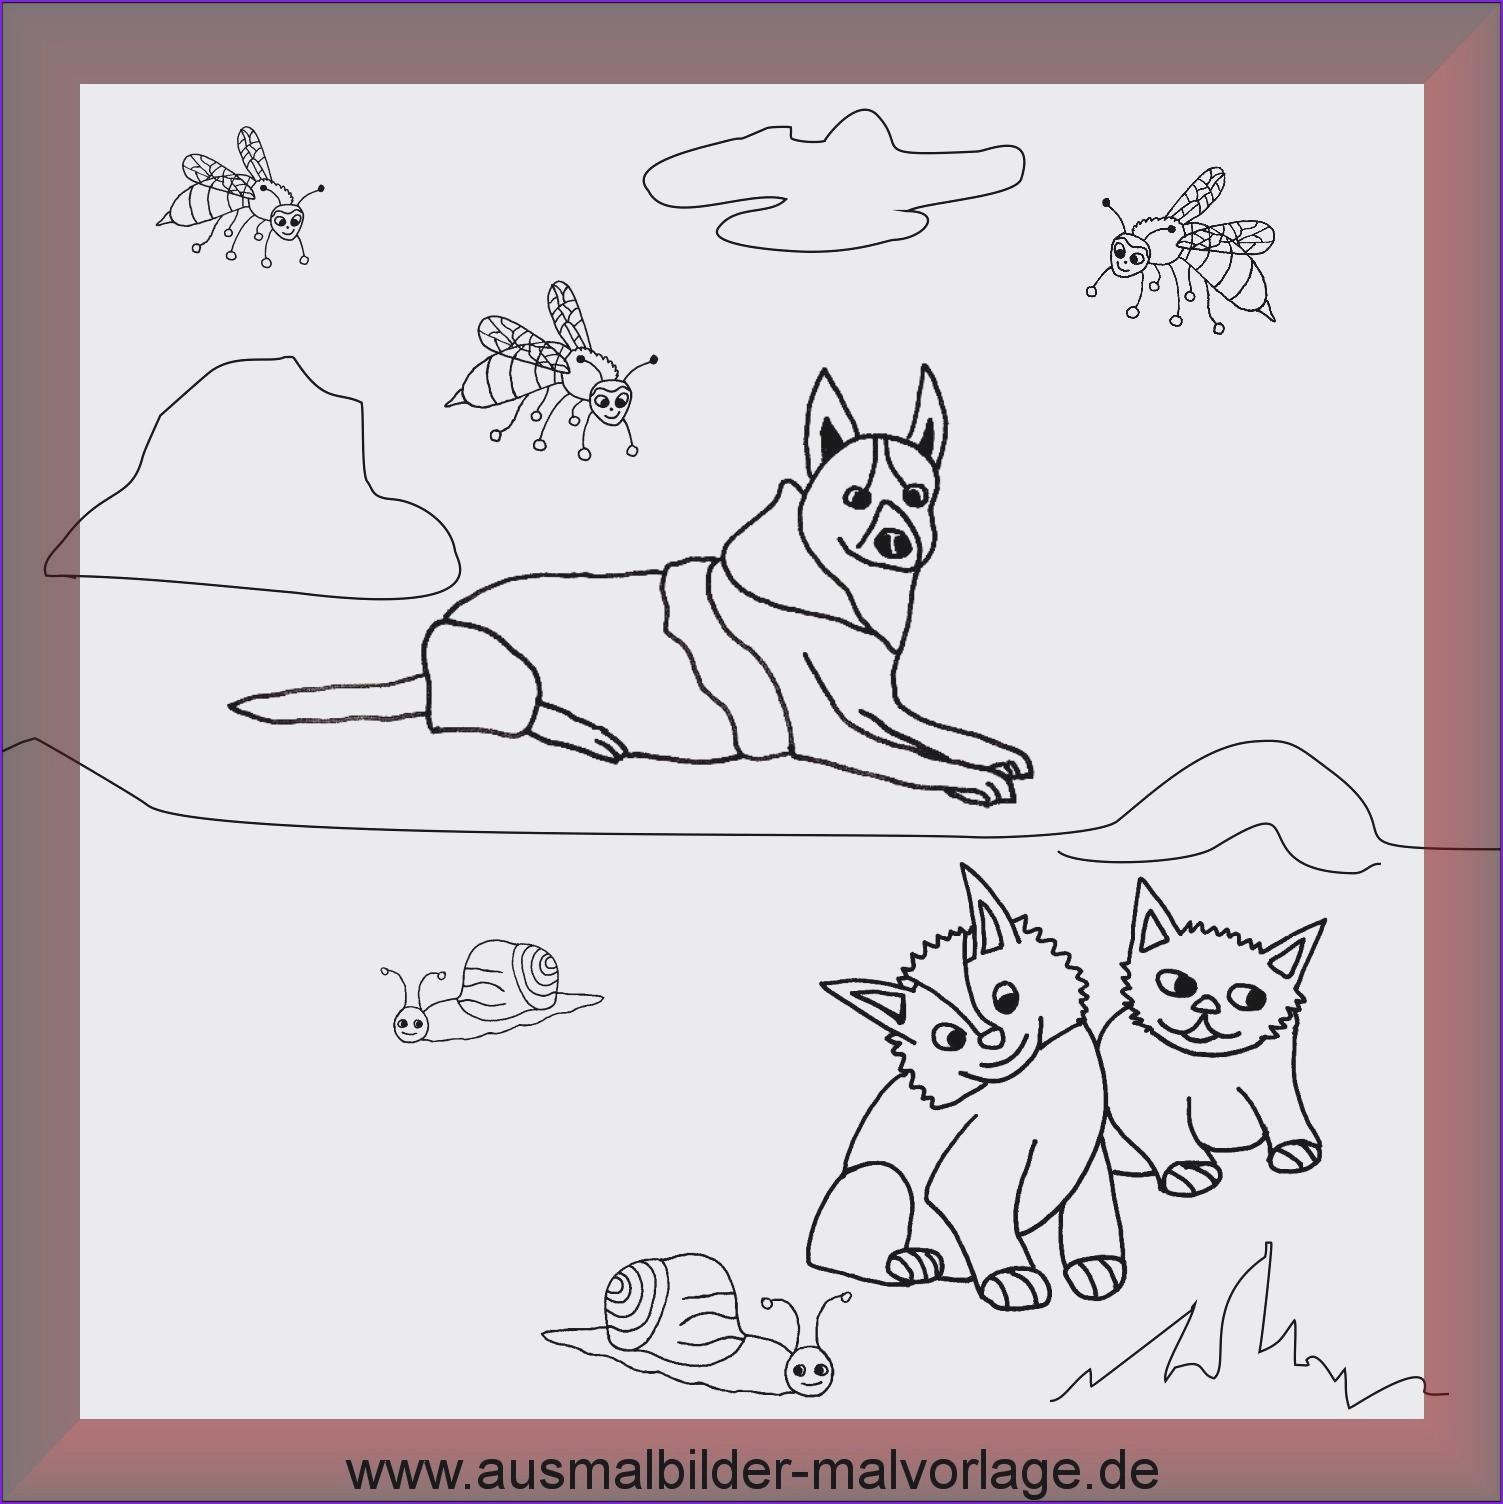 Ausmalbilder Katze Und Hund Inspirierend Verschiedene Bilder Färben Ausmalbilder Barbie Hund Bild